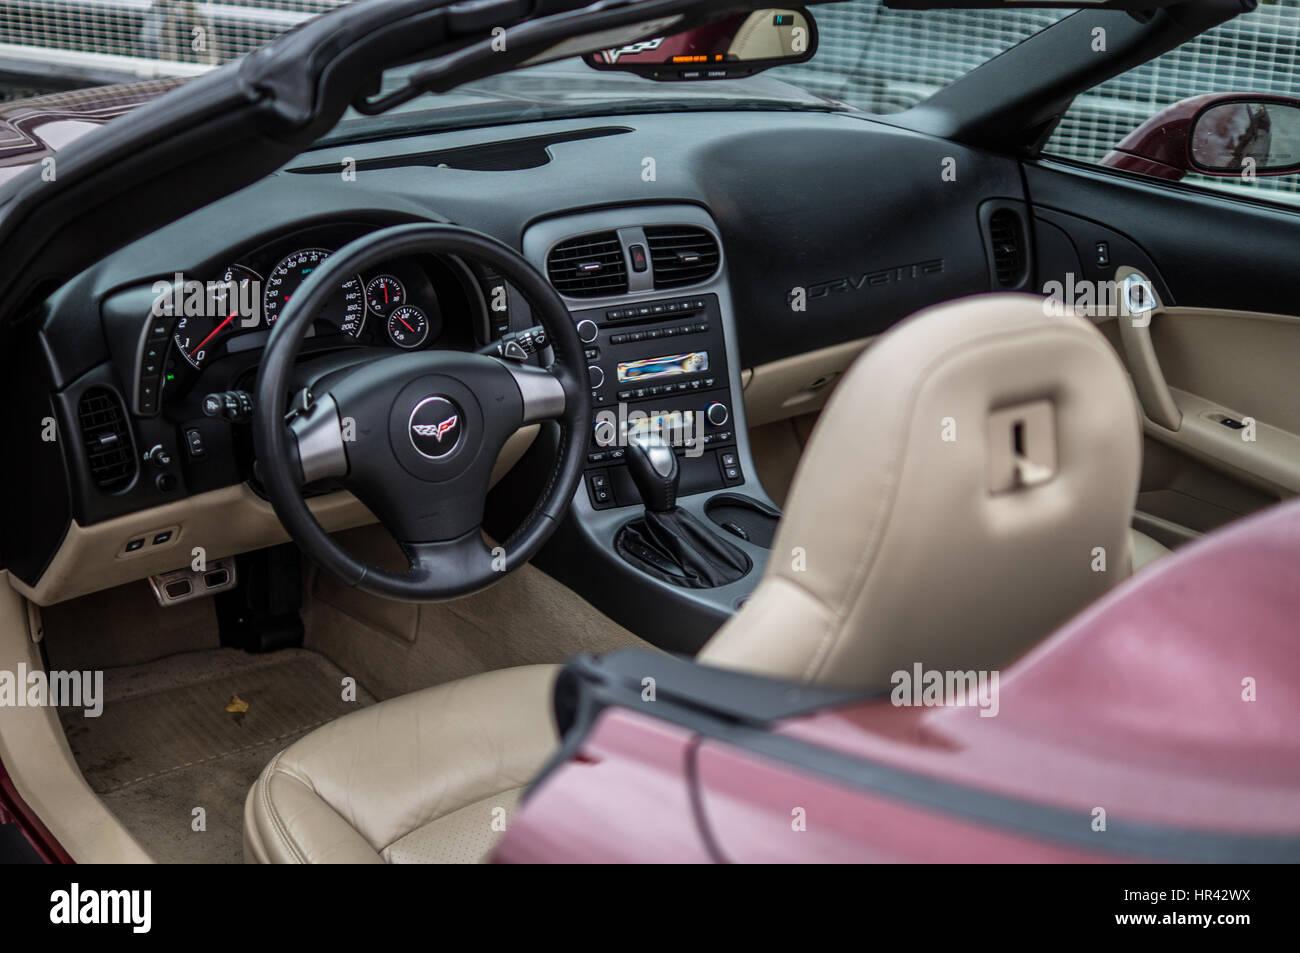 Chevrolet Corvette C6 Interior